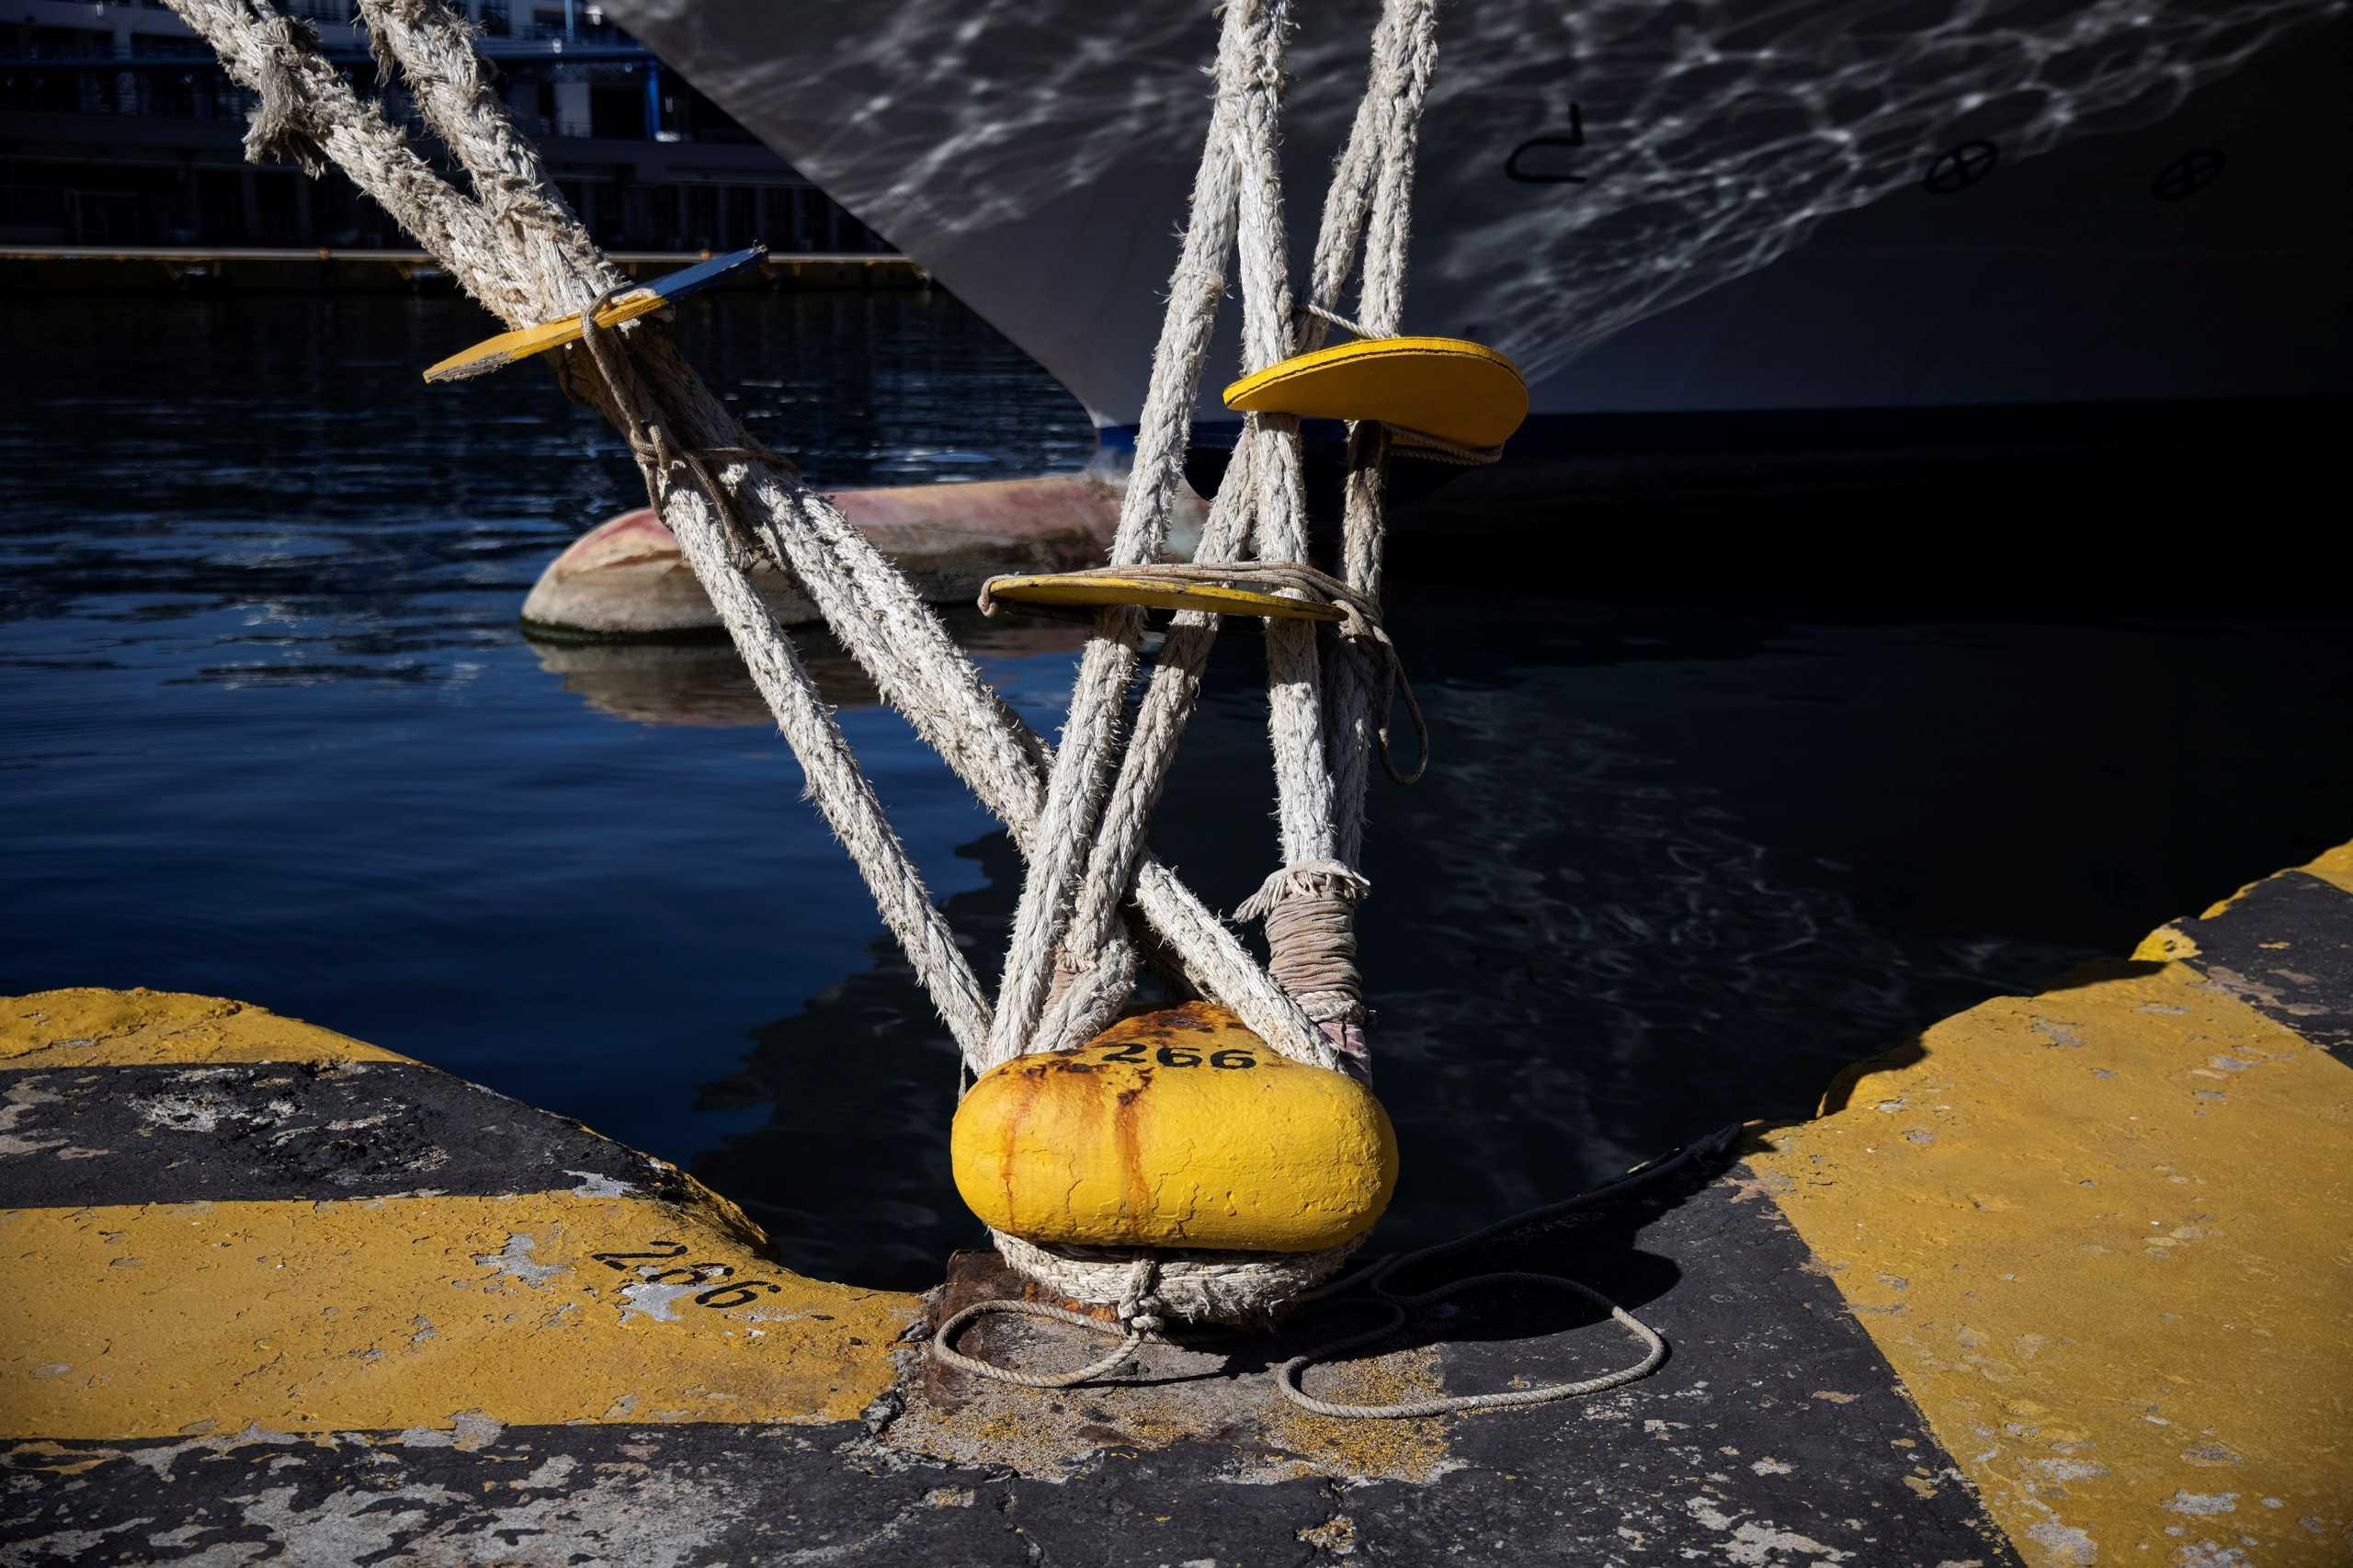 Ελευσίνα: Από μετατόπιση έρματος πήρε κλίση το πλοίο «Μυτιλήνη»